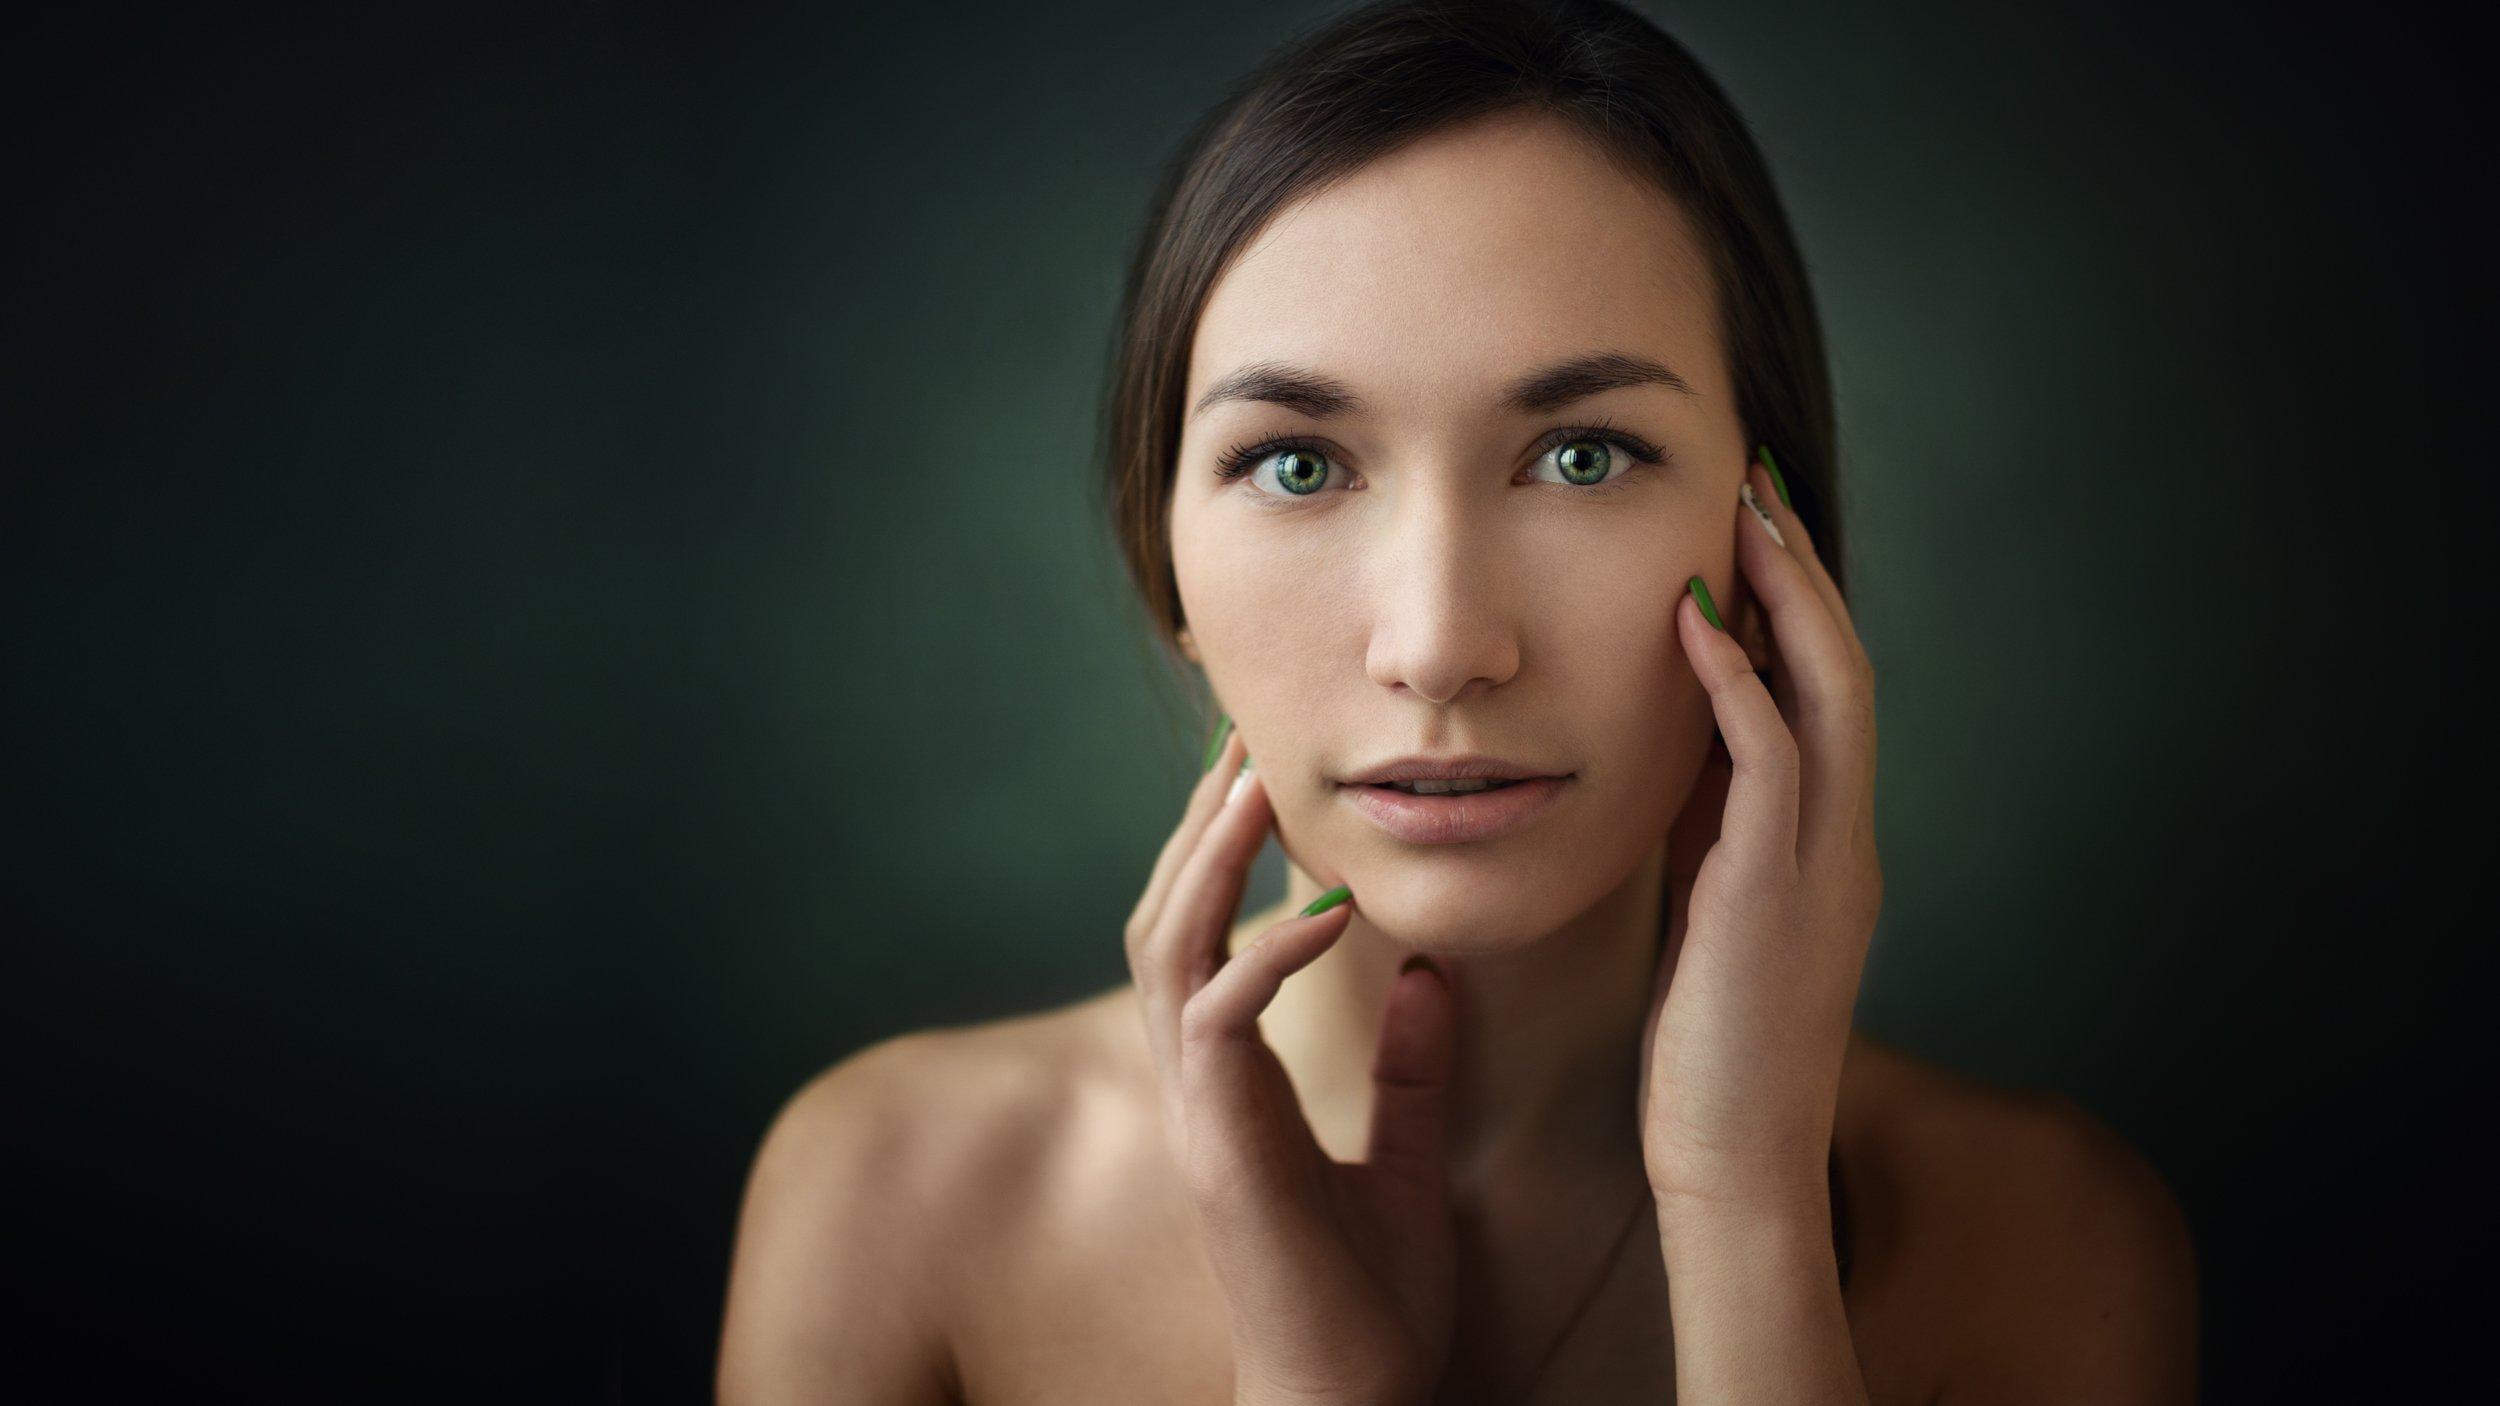 portrait, портрет, девушка, girl, beautyfull, eyes. hair, позирование, базаров, Михаил Базаров